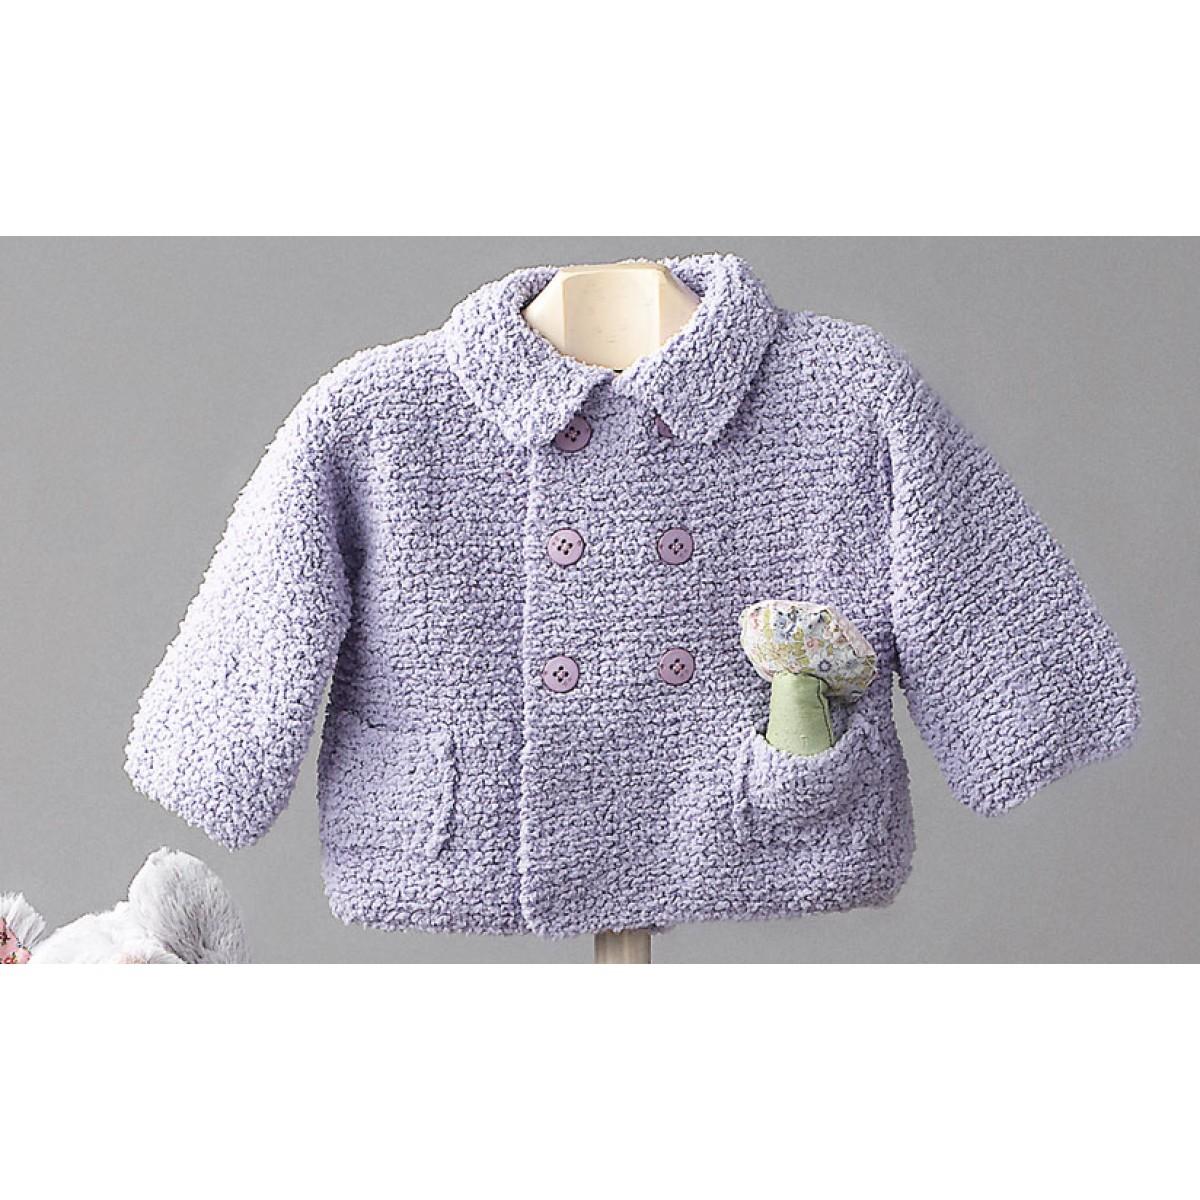 Modele tricot bébé gratuit katia